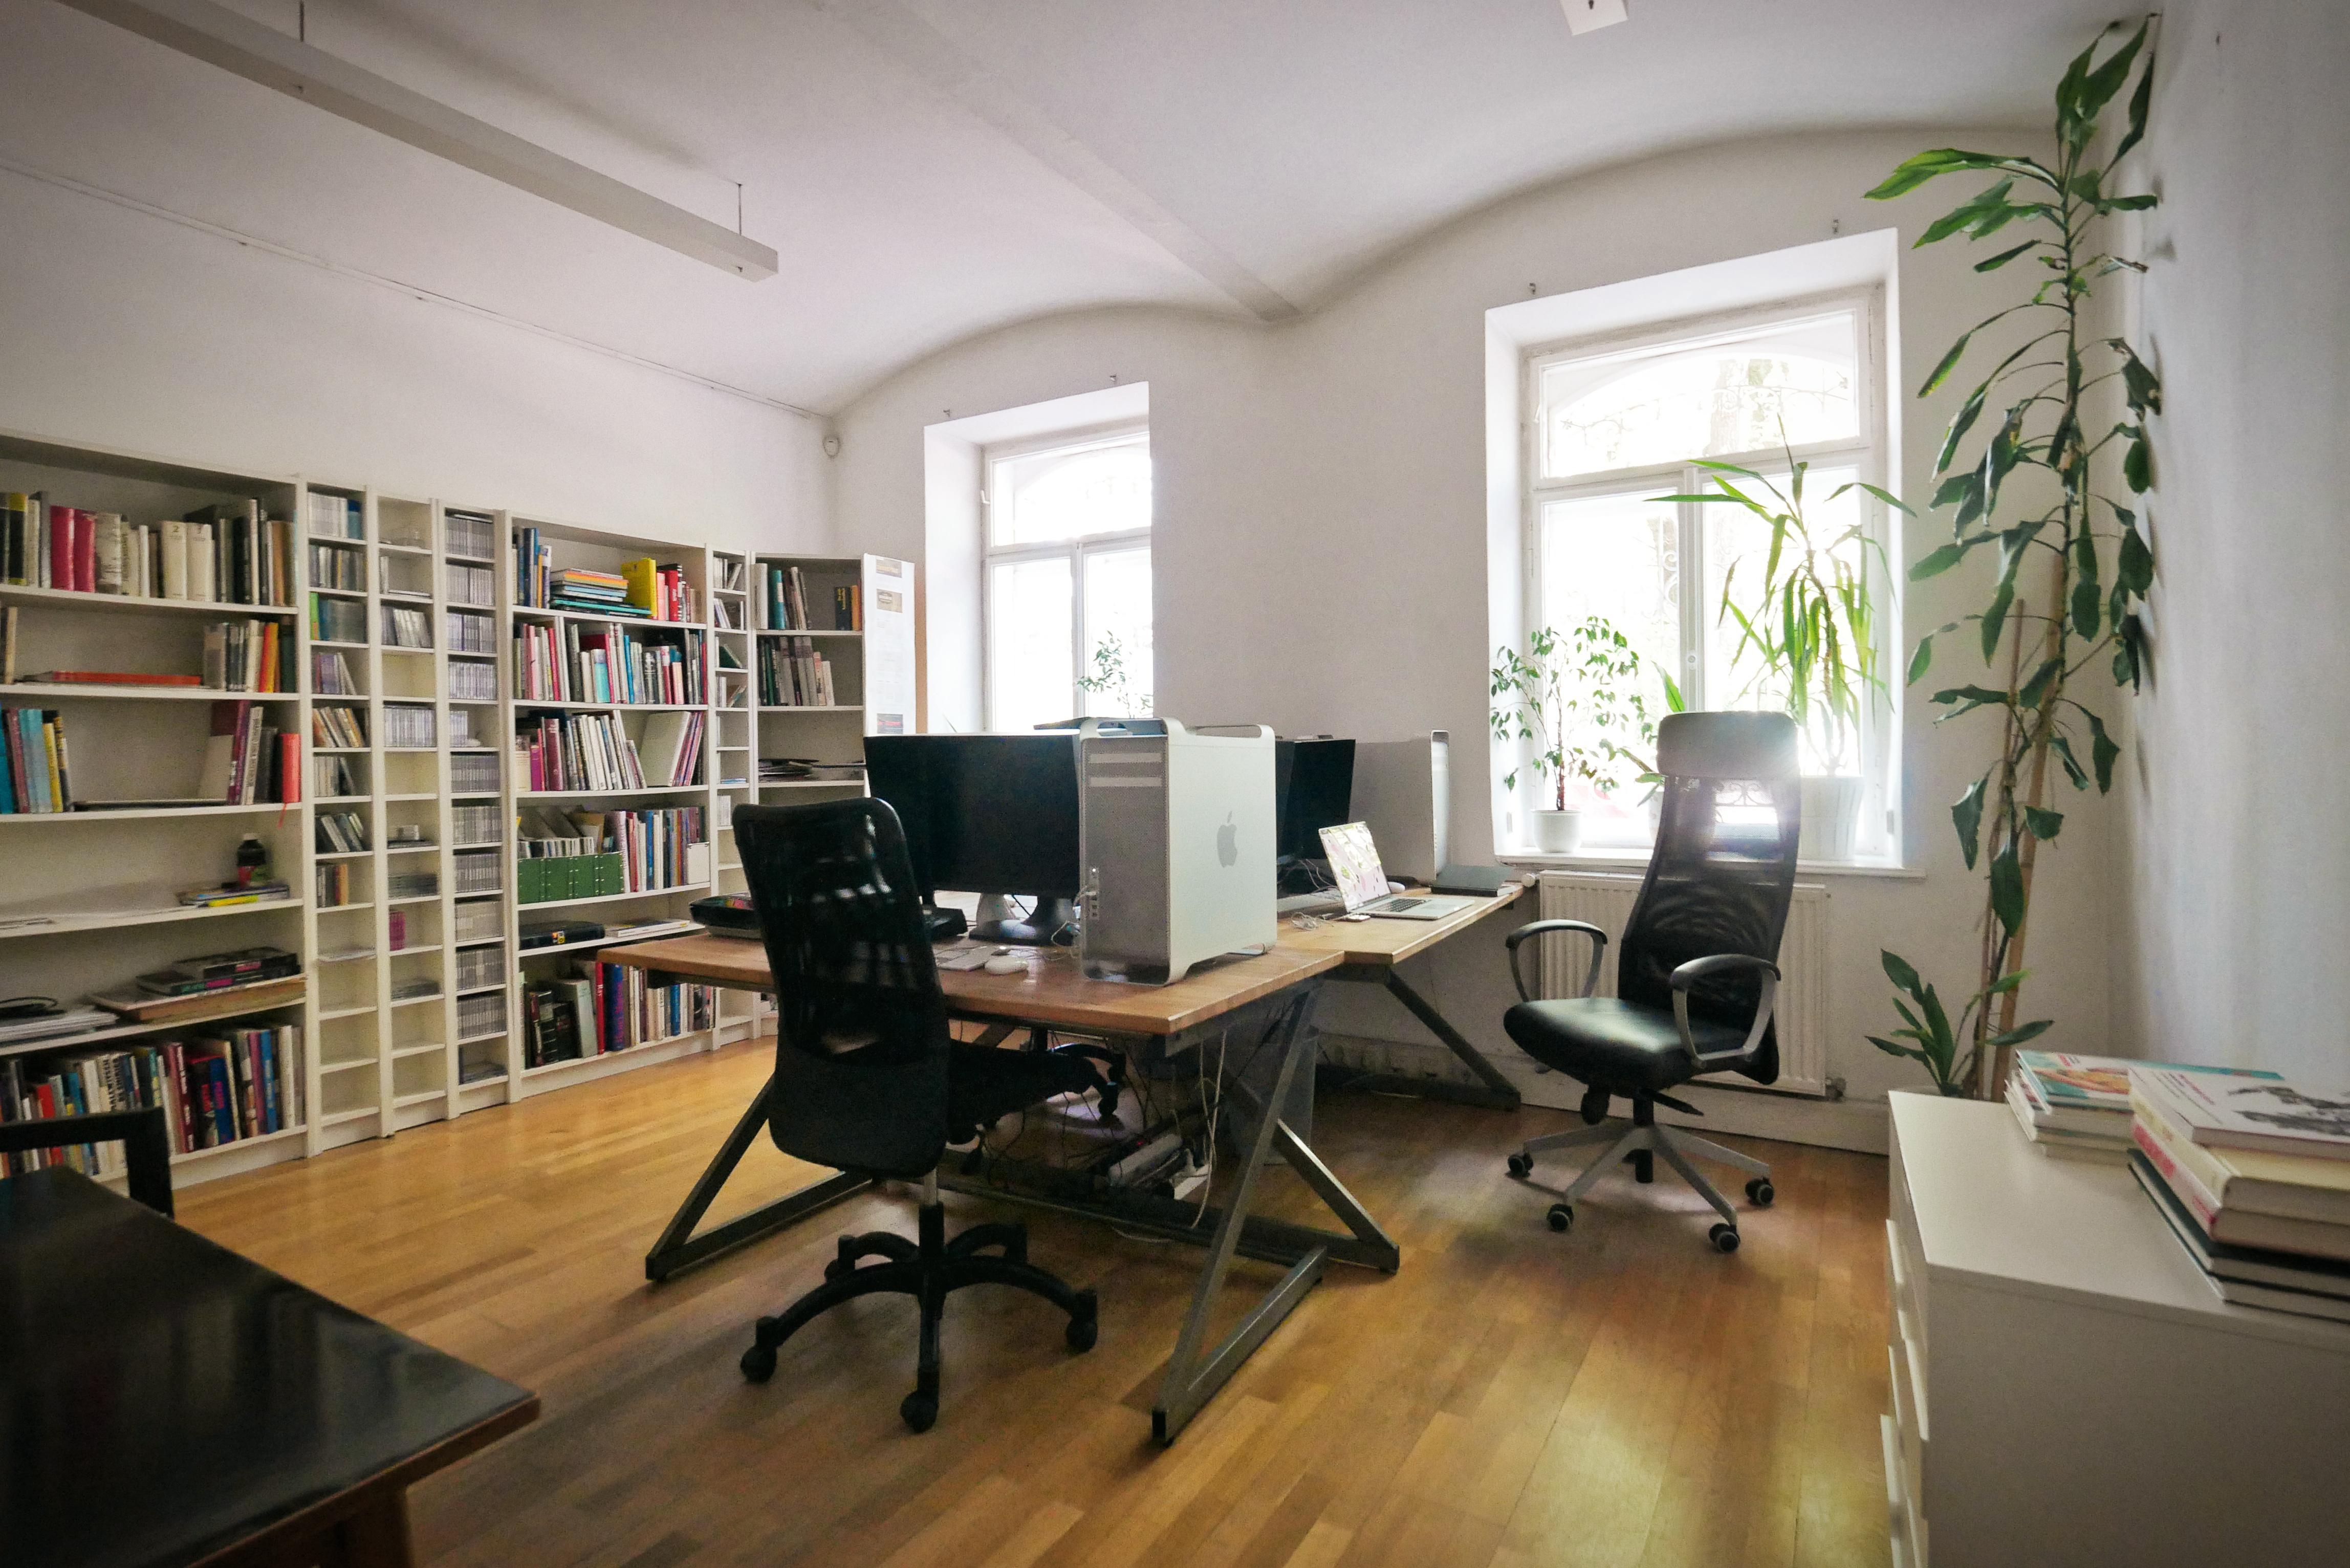 Arbeitsplätze in gemütlichem Büro mit Garten